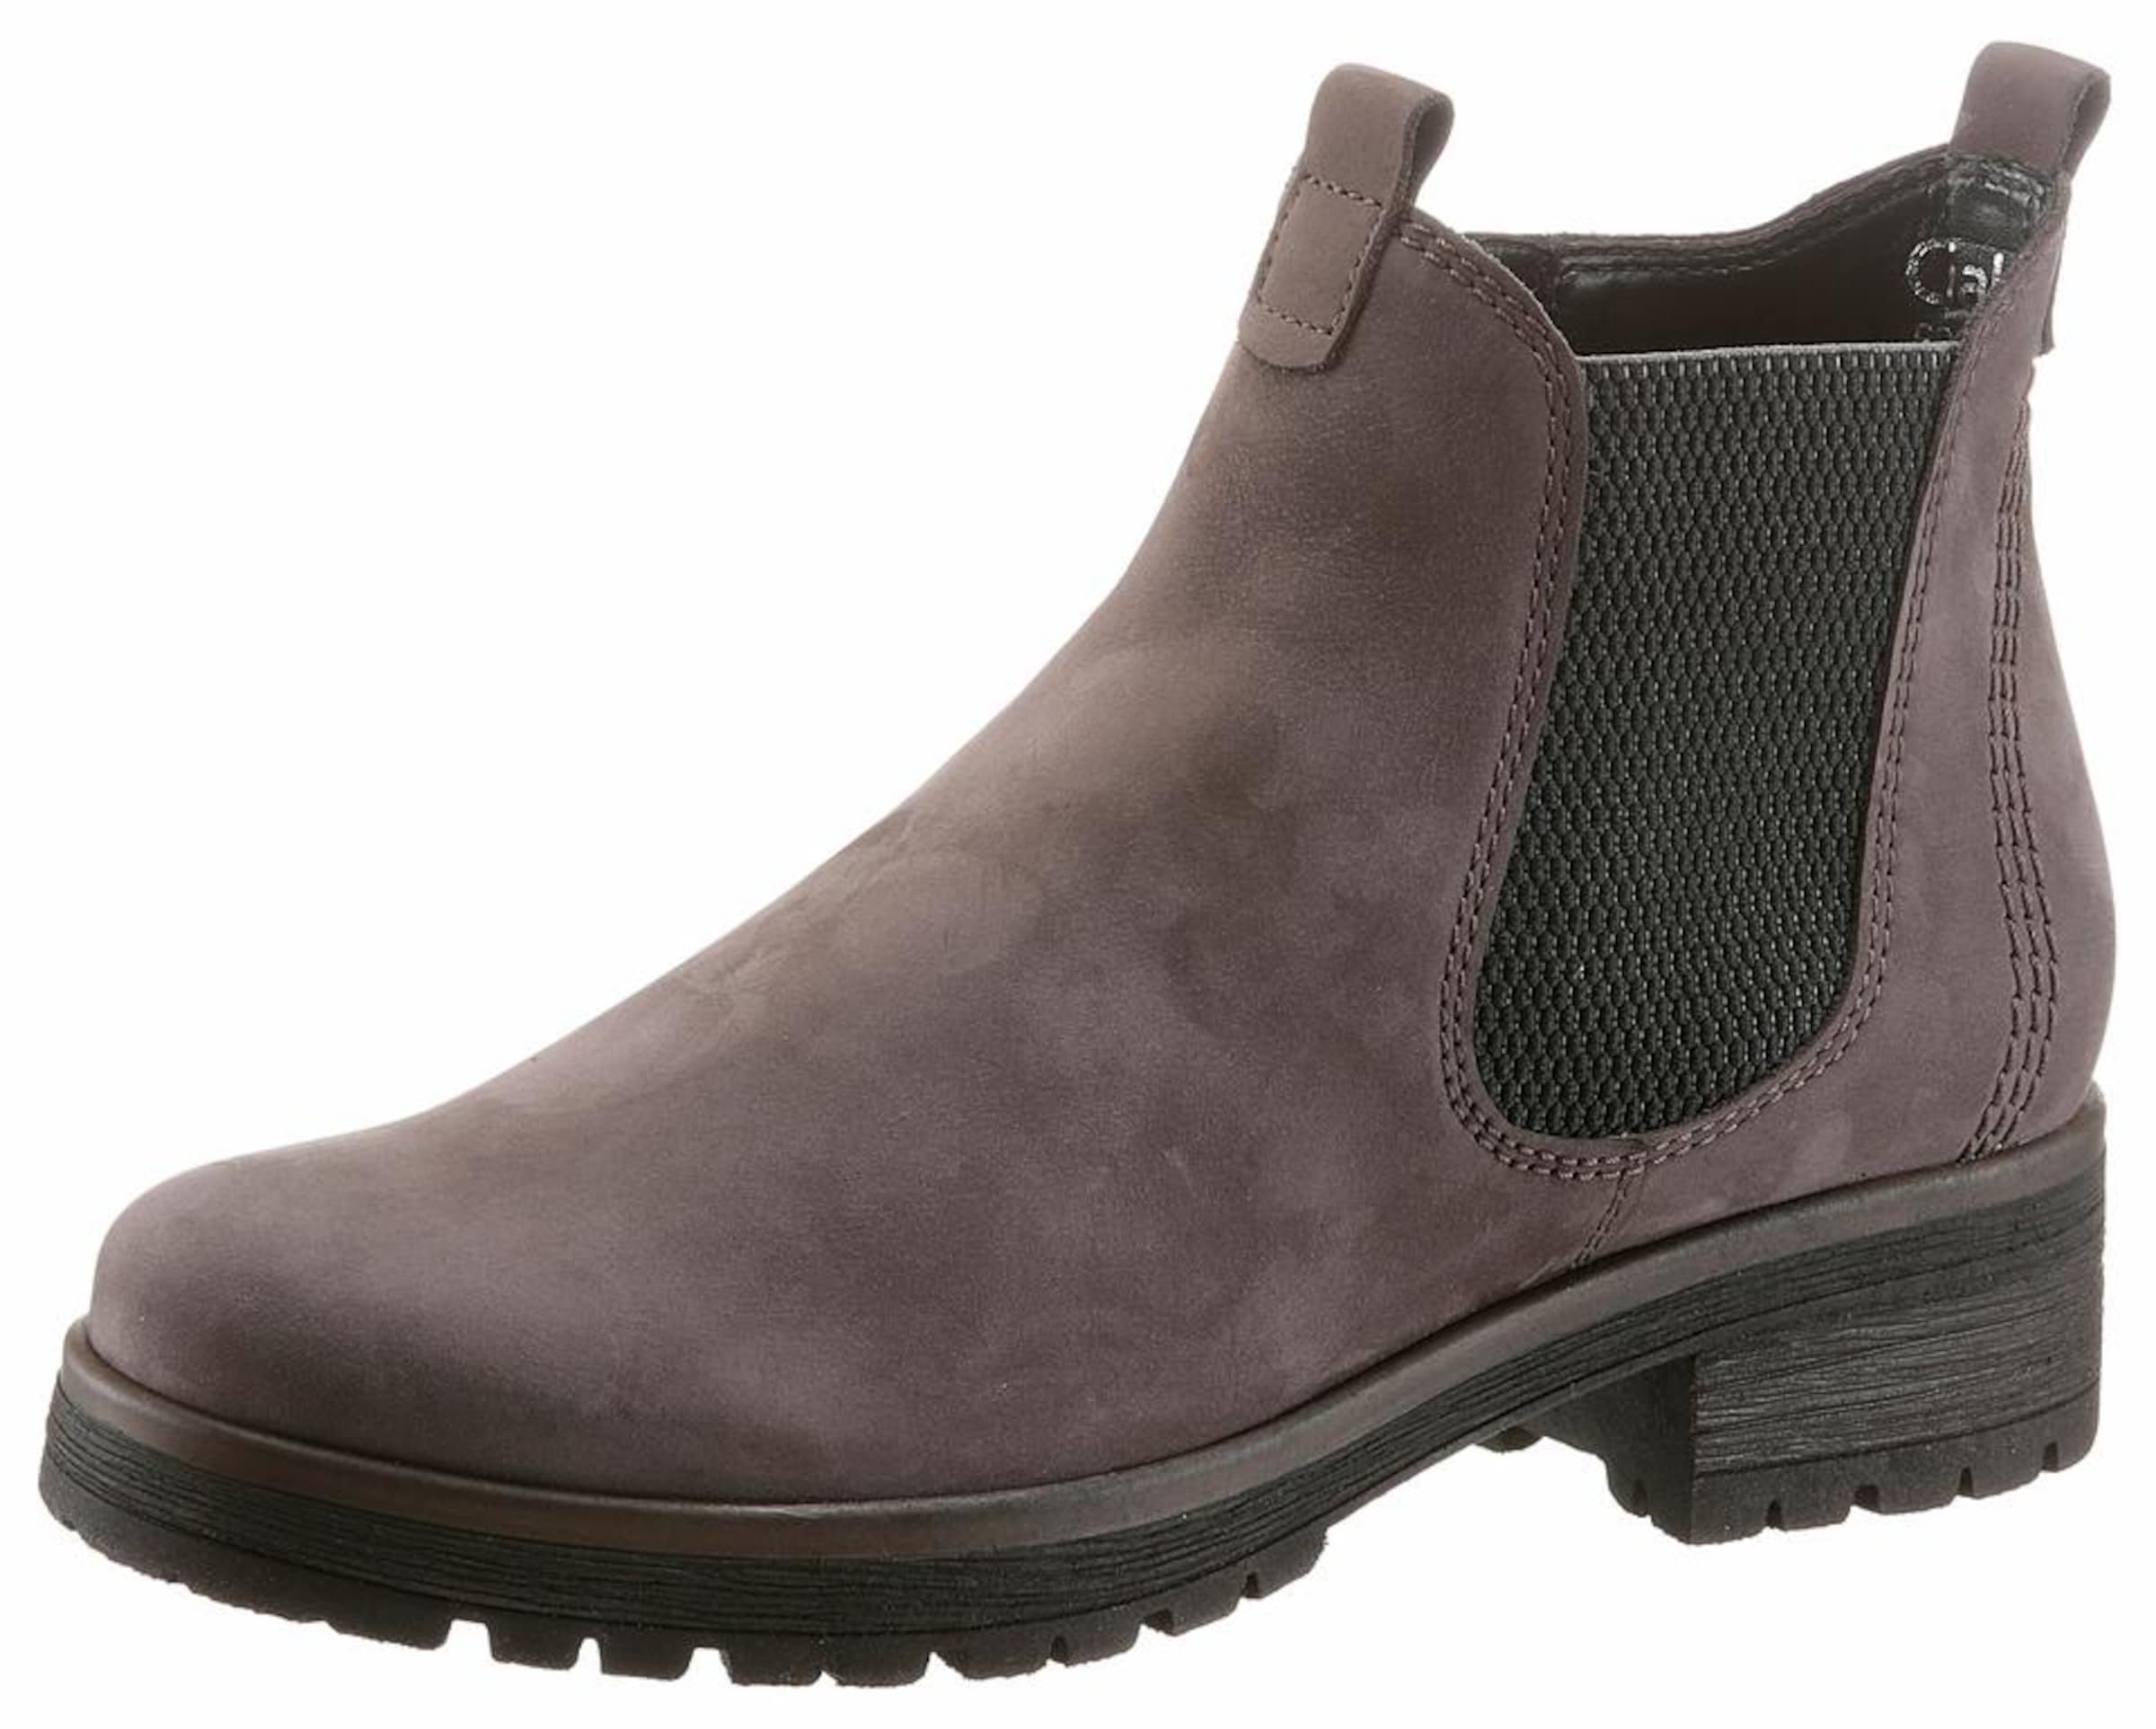 GABOR Stiefelette Verschleißfeste billige Schuhe Hohe Qualität